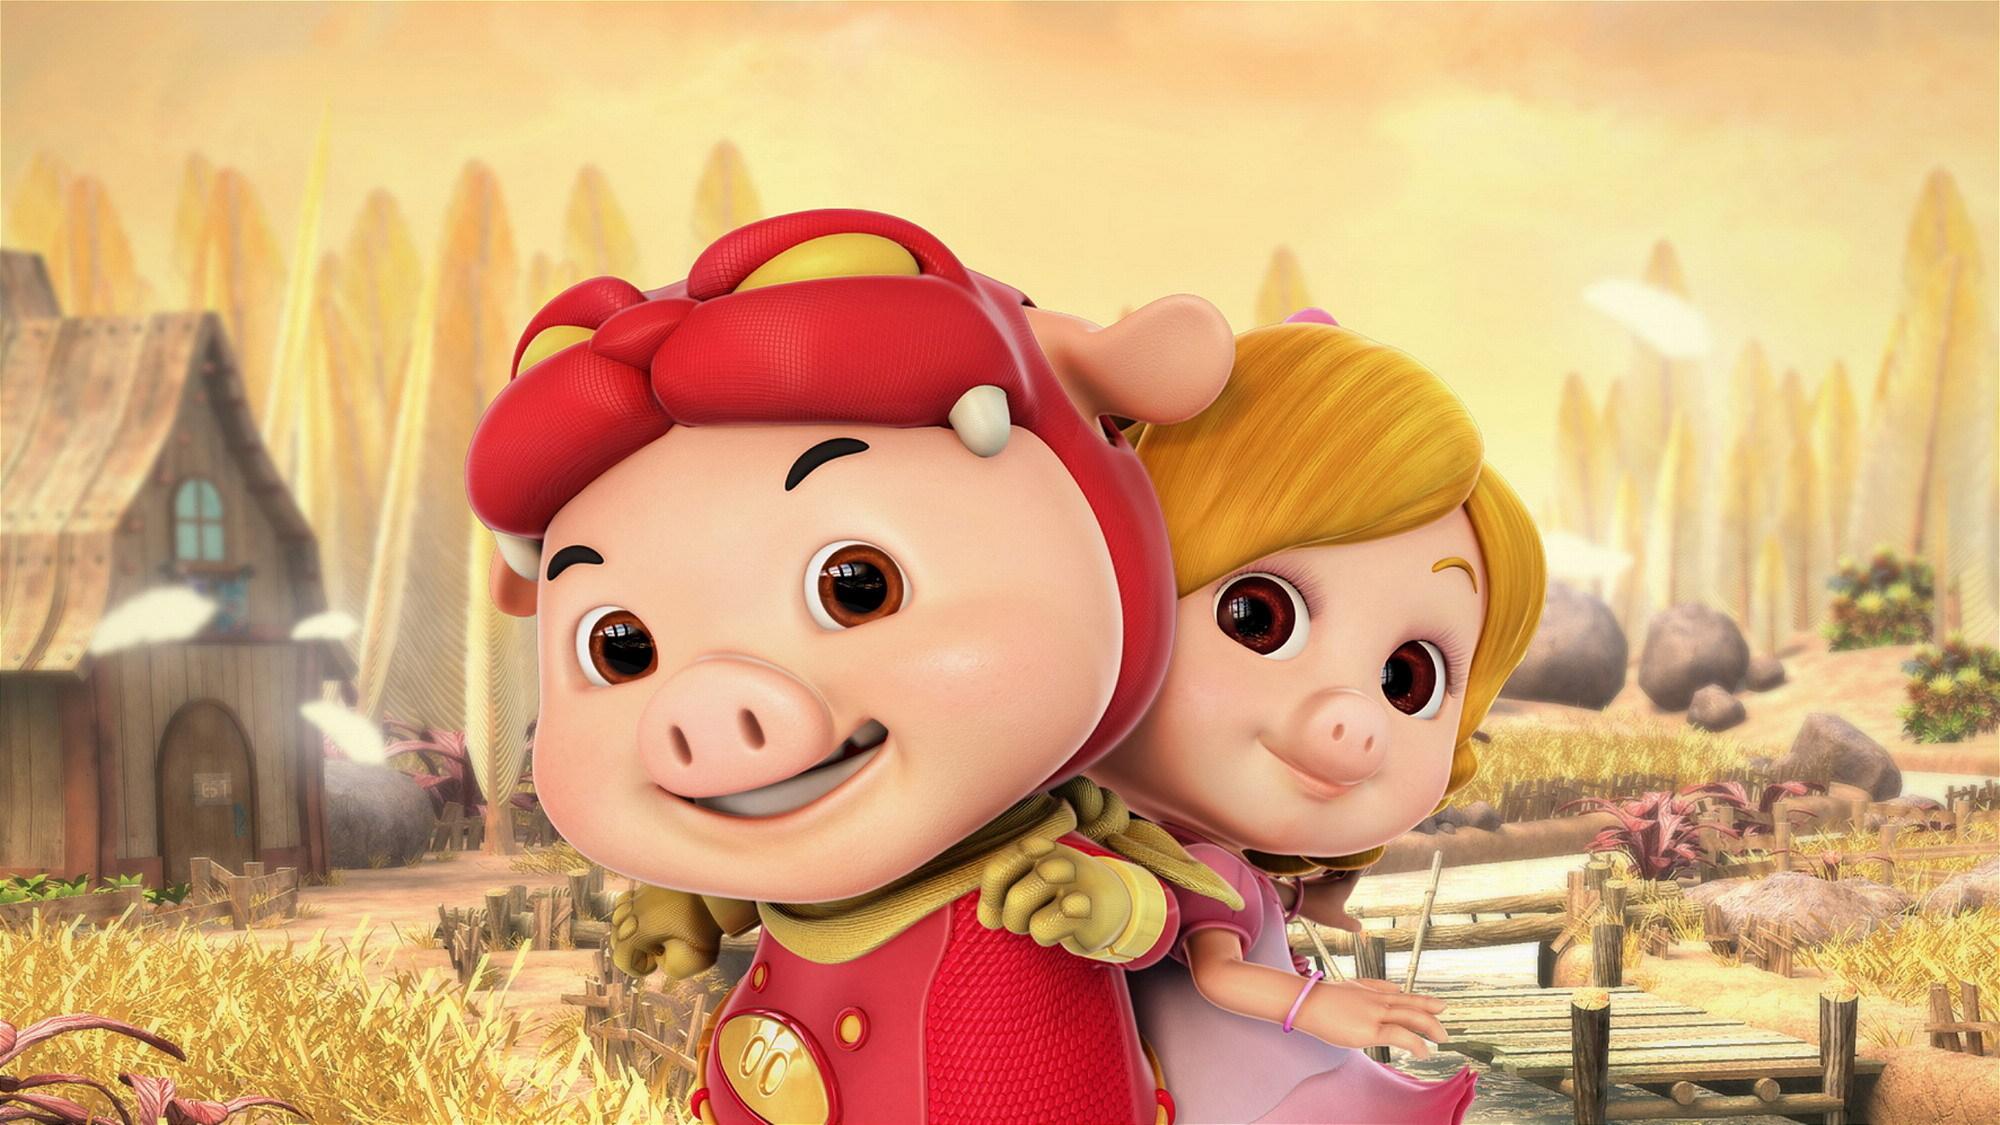 猪猪侠3 - 动漫图片 | 图片下载 | 动漫壁纸 - verycd